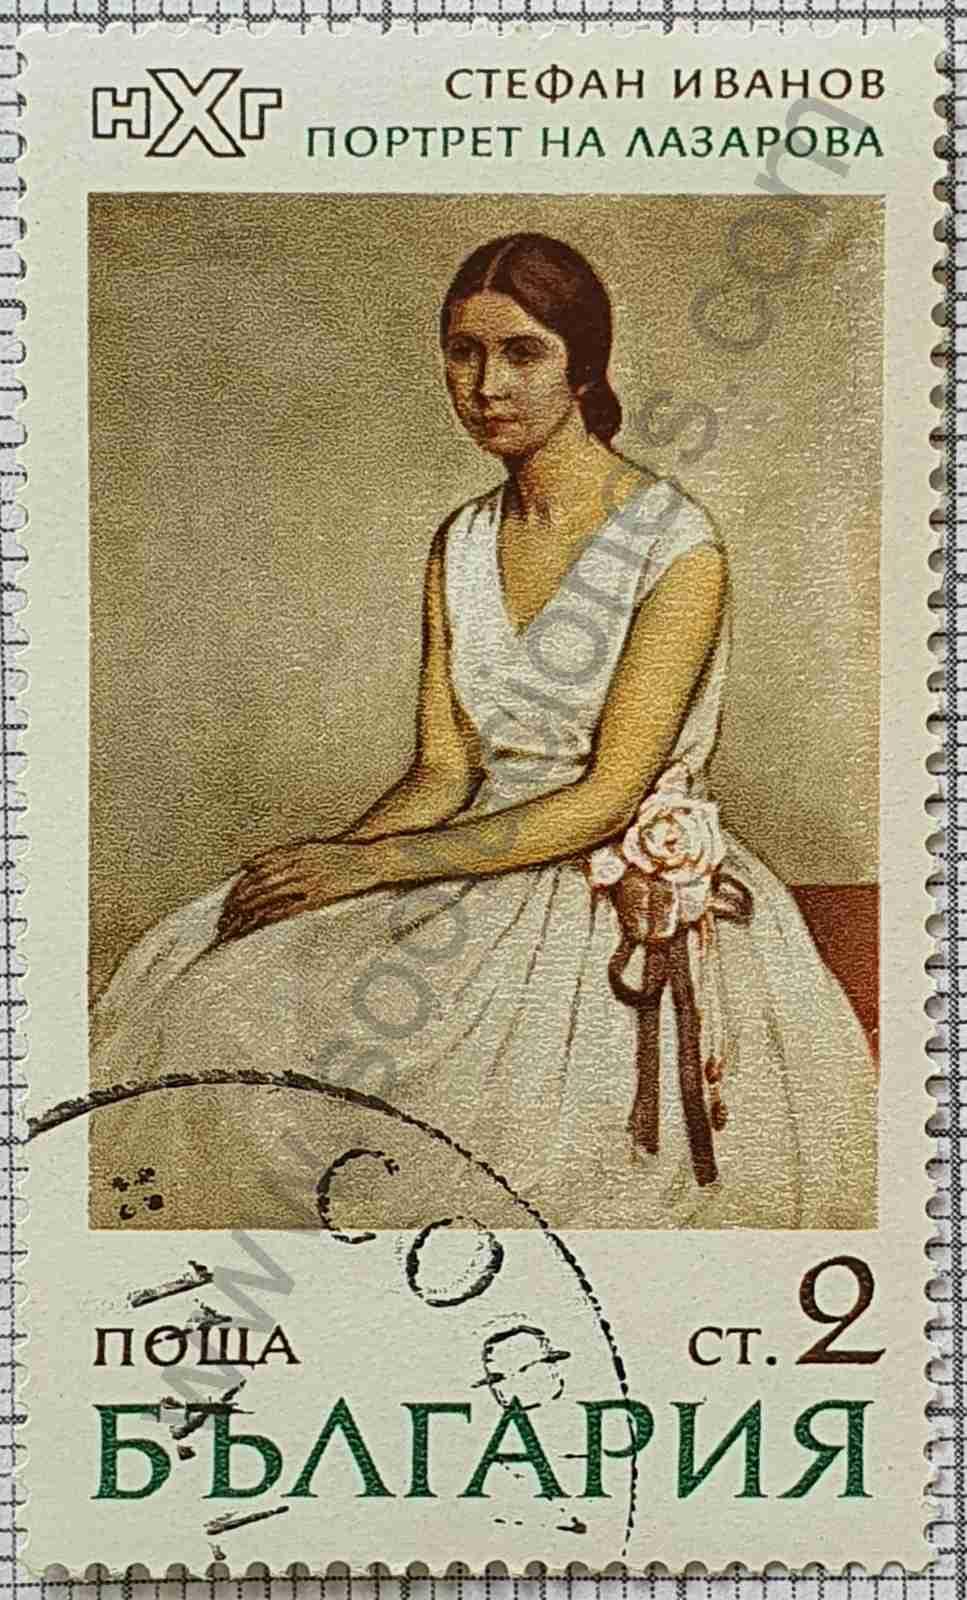 Retrato de Lagarova - sello de Bulgaria año 1971